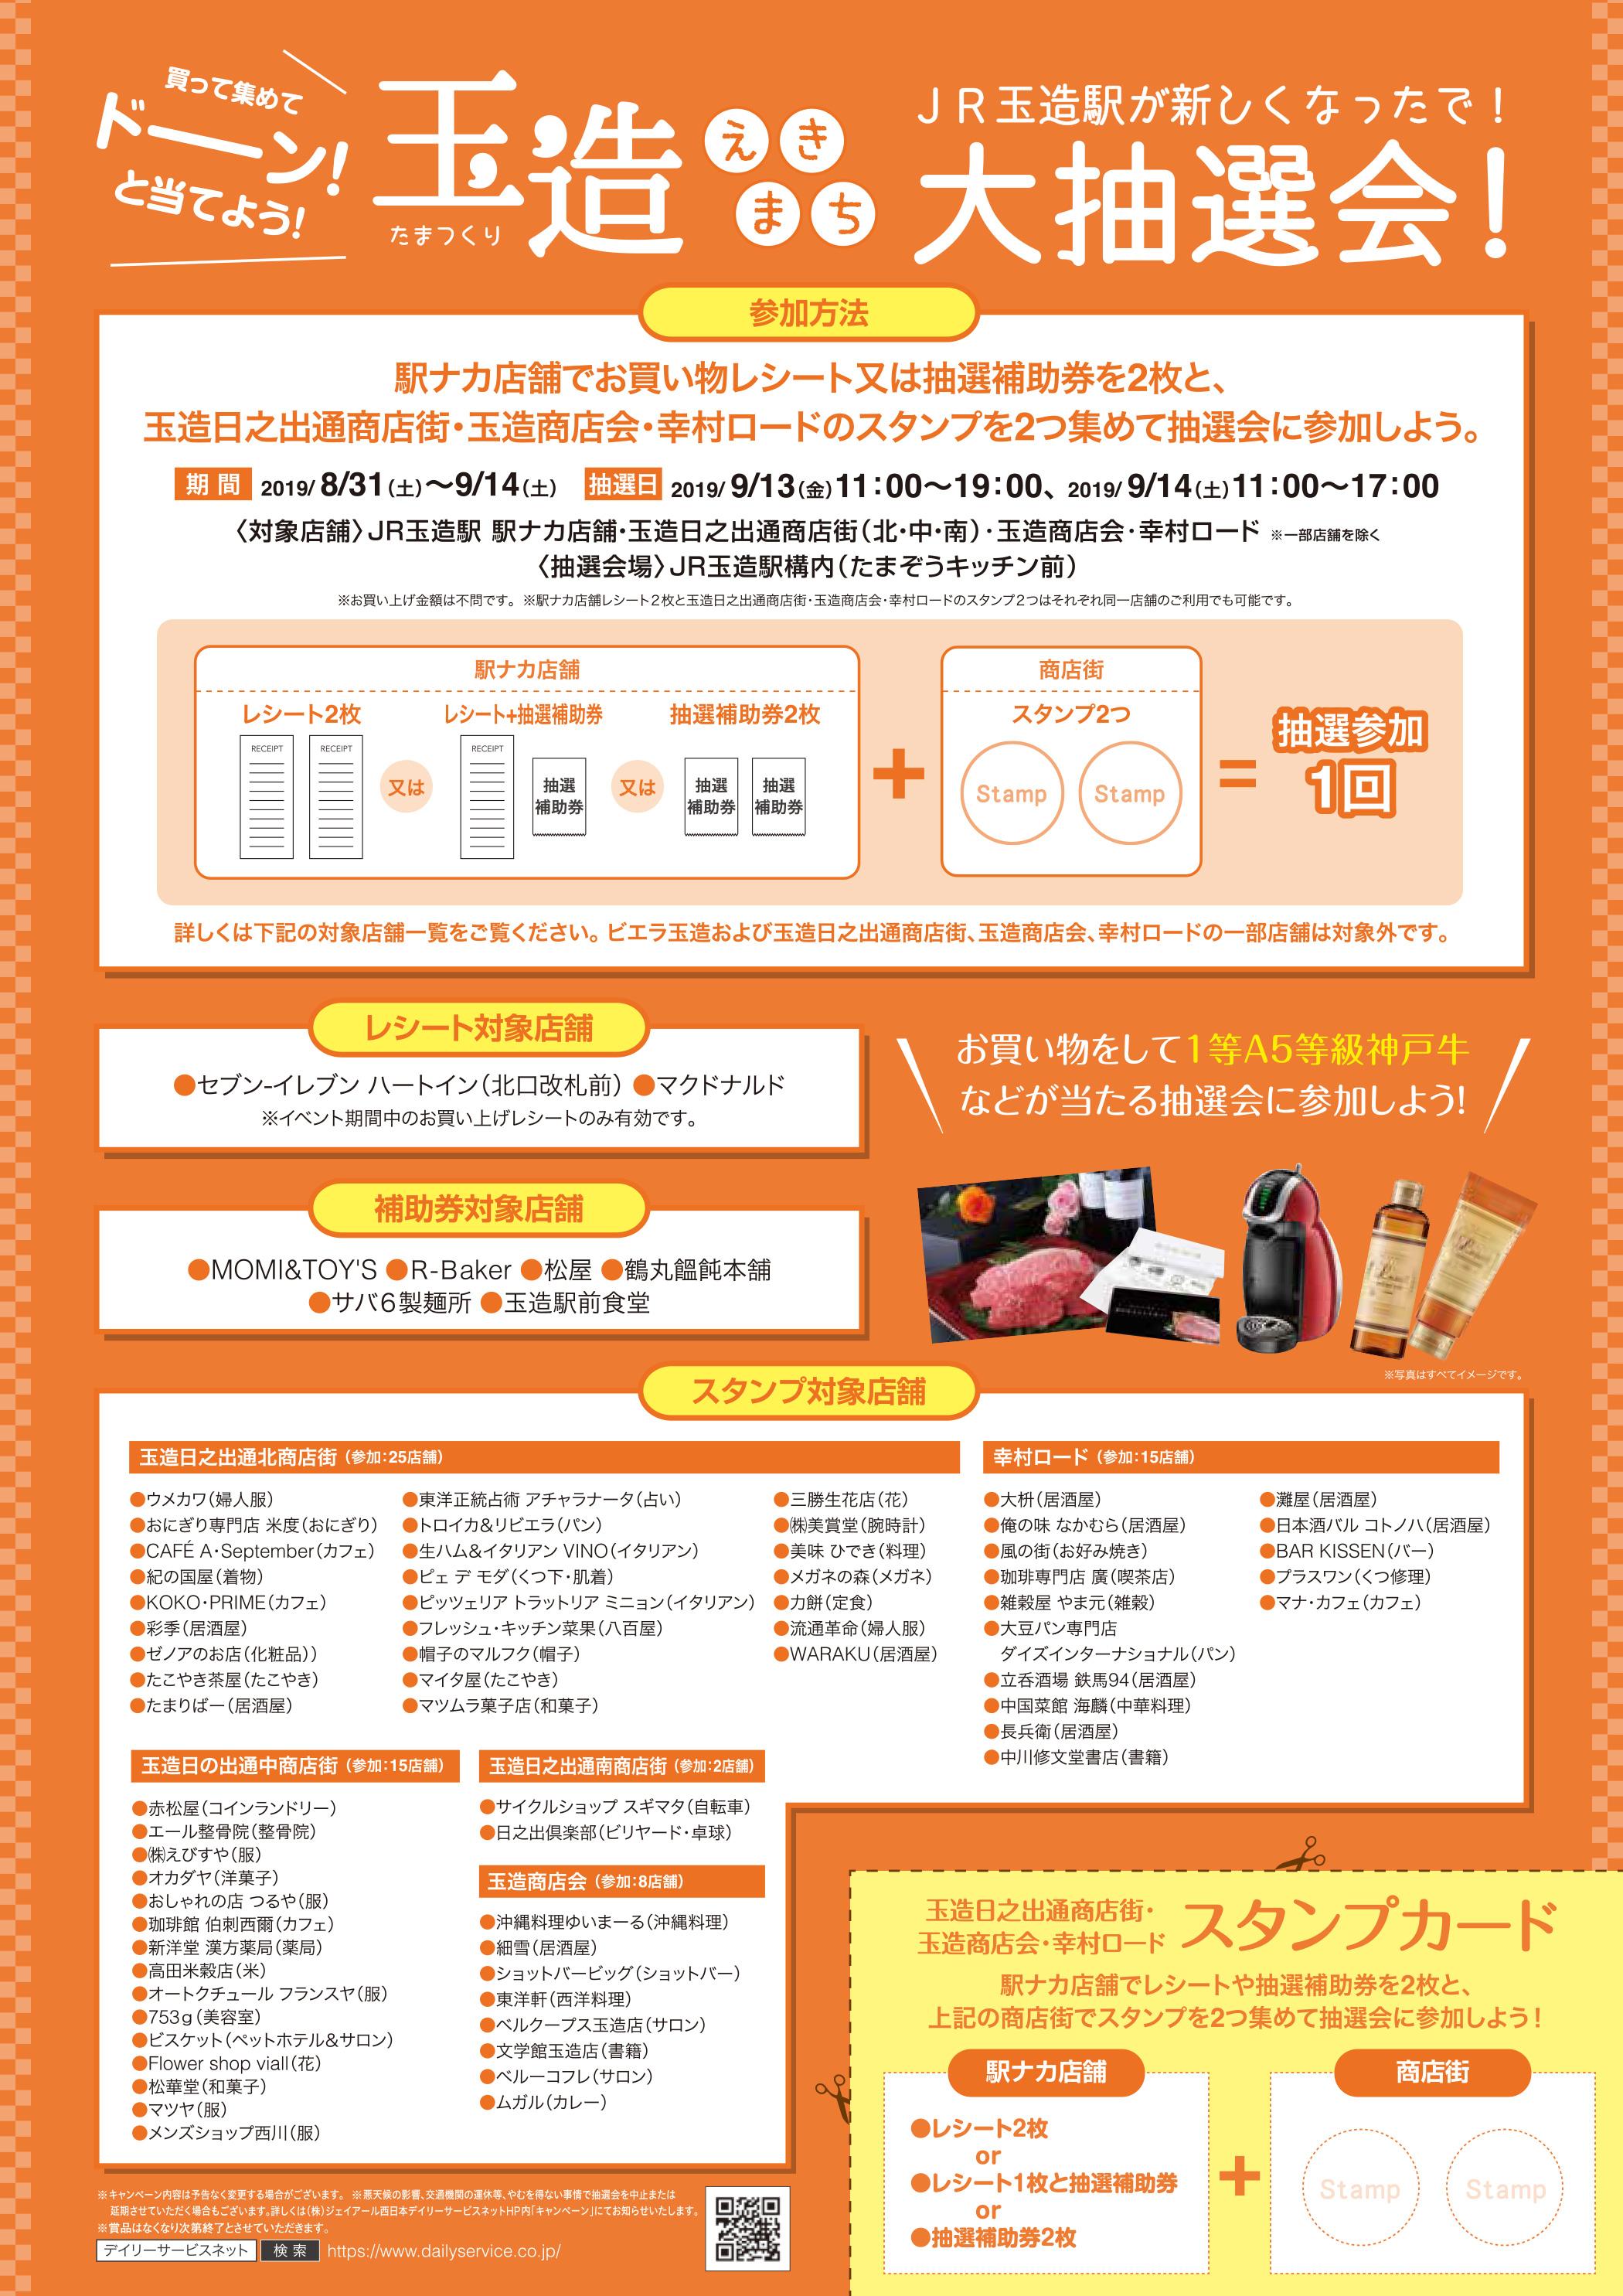 とらとうちゃんの休日出勤(JR玉造駅リニューアル開業記念イベント|2019年8月31日)